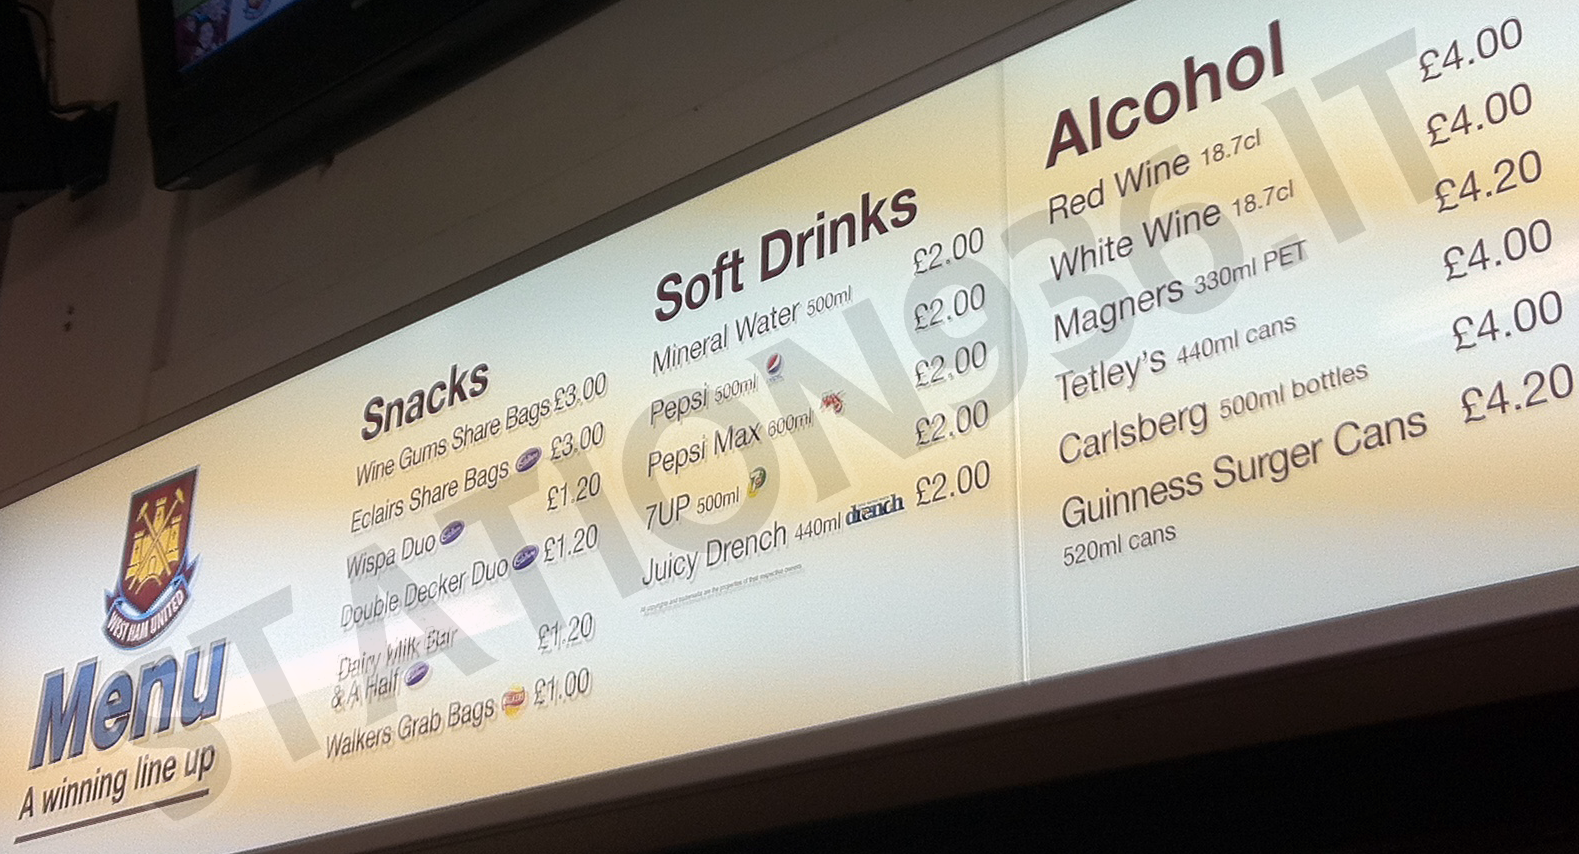 Prezzi bevande e alcolici allo stadio di Upton Park